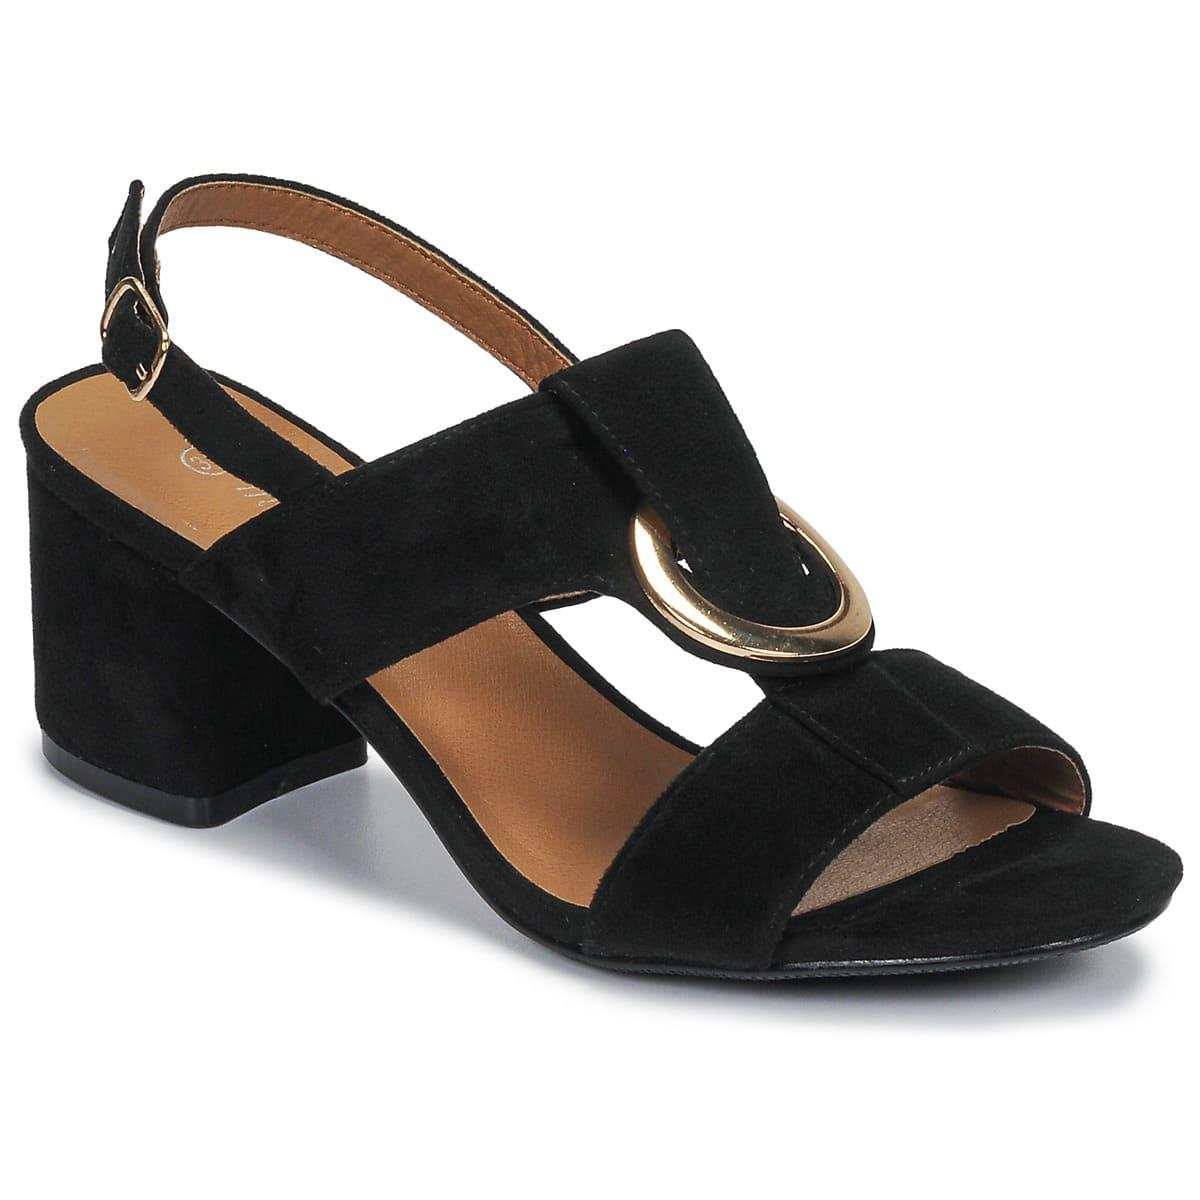 Härlig sandal med remmar i textil och sula i syntet